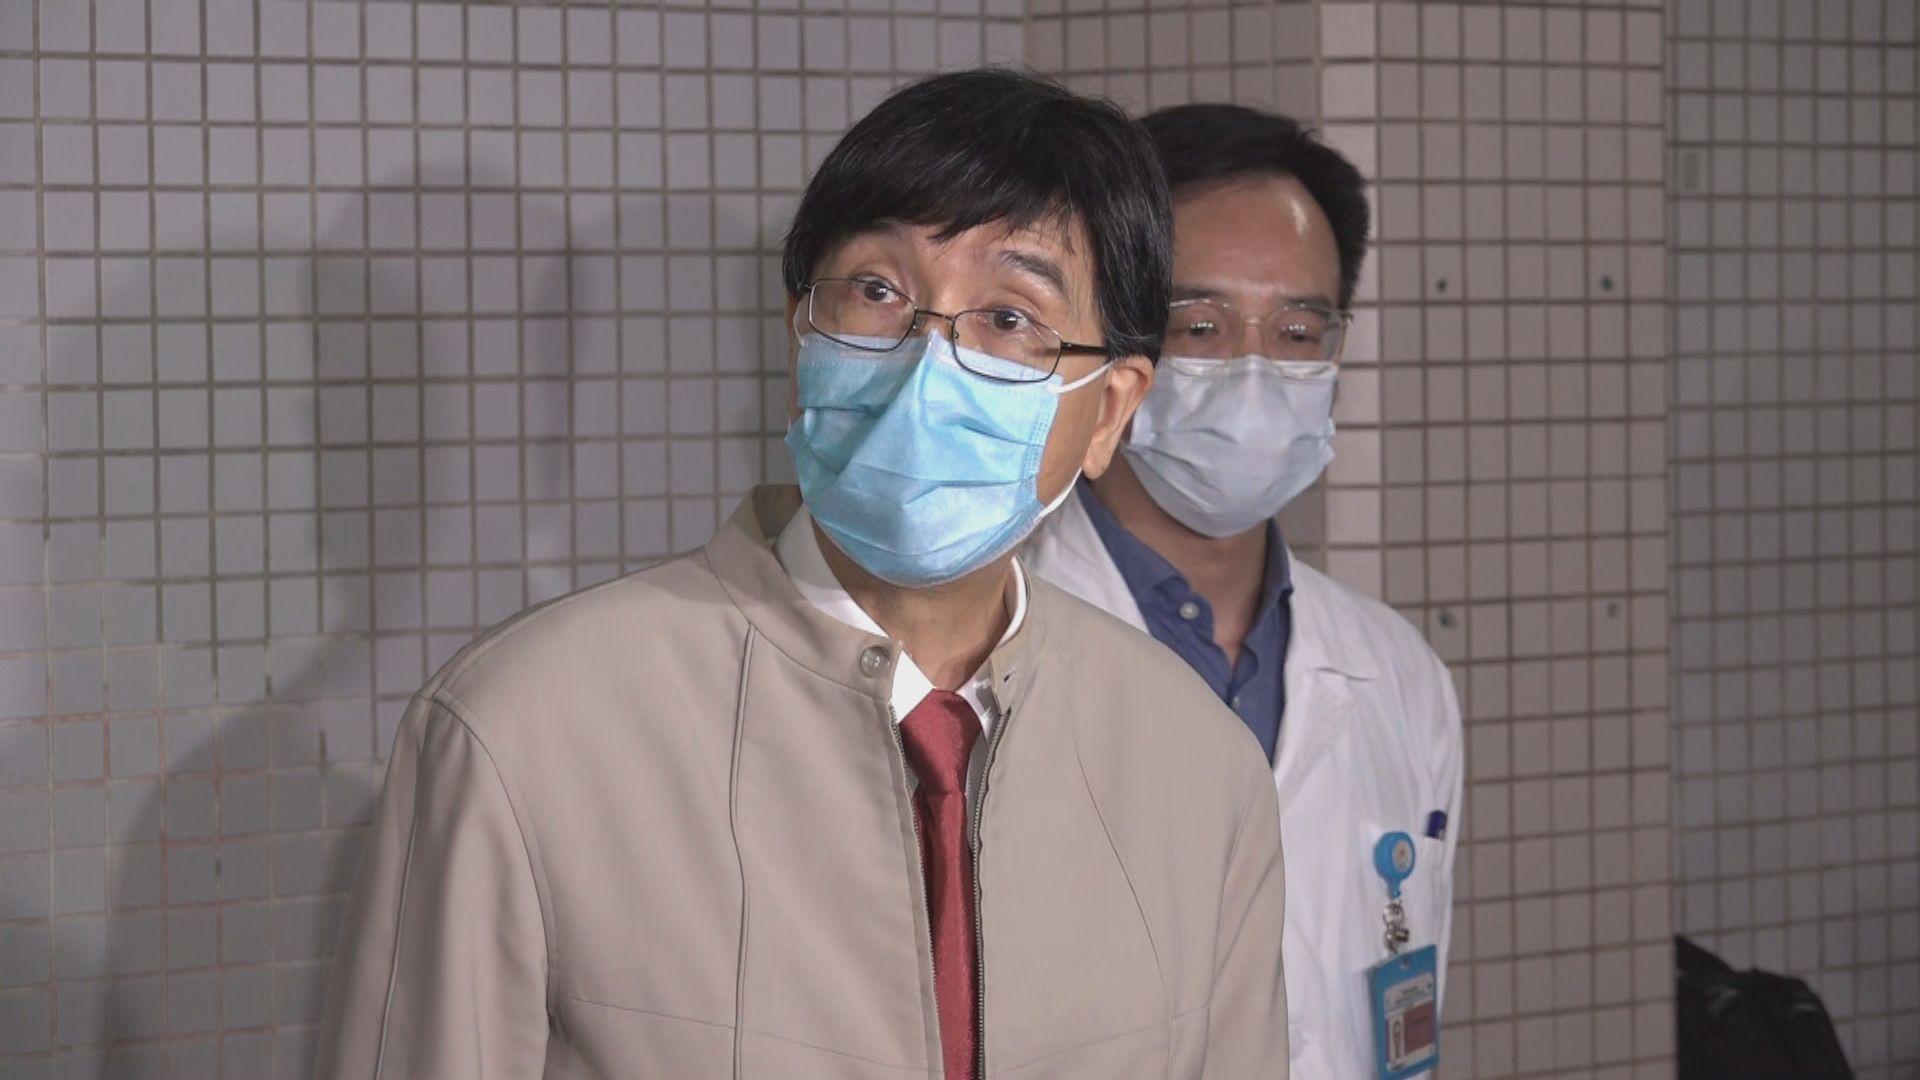 袁國勇:伊院首名染疫92歲女病人確診前於病格內散播病毒